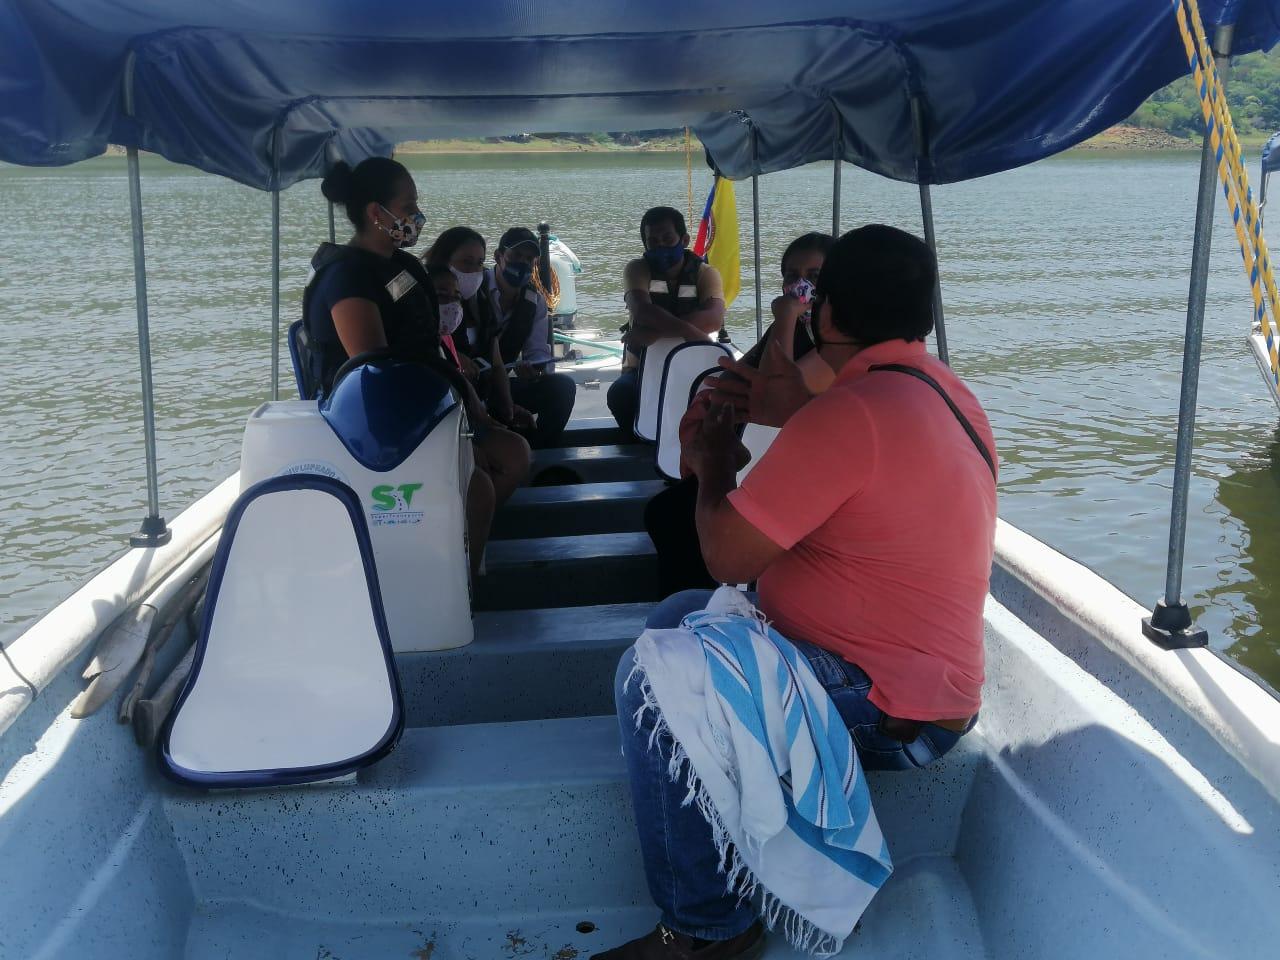 Servidores fluviales de Prado se preparan para reactivar el turismo en lancha